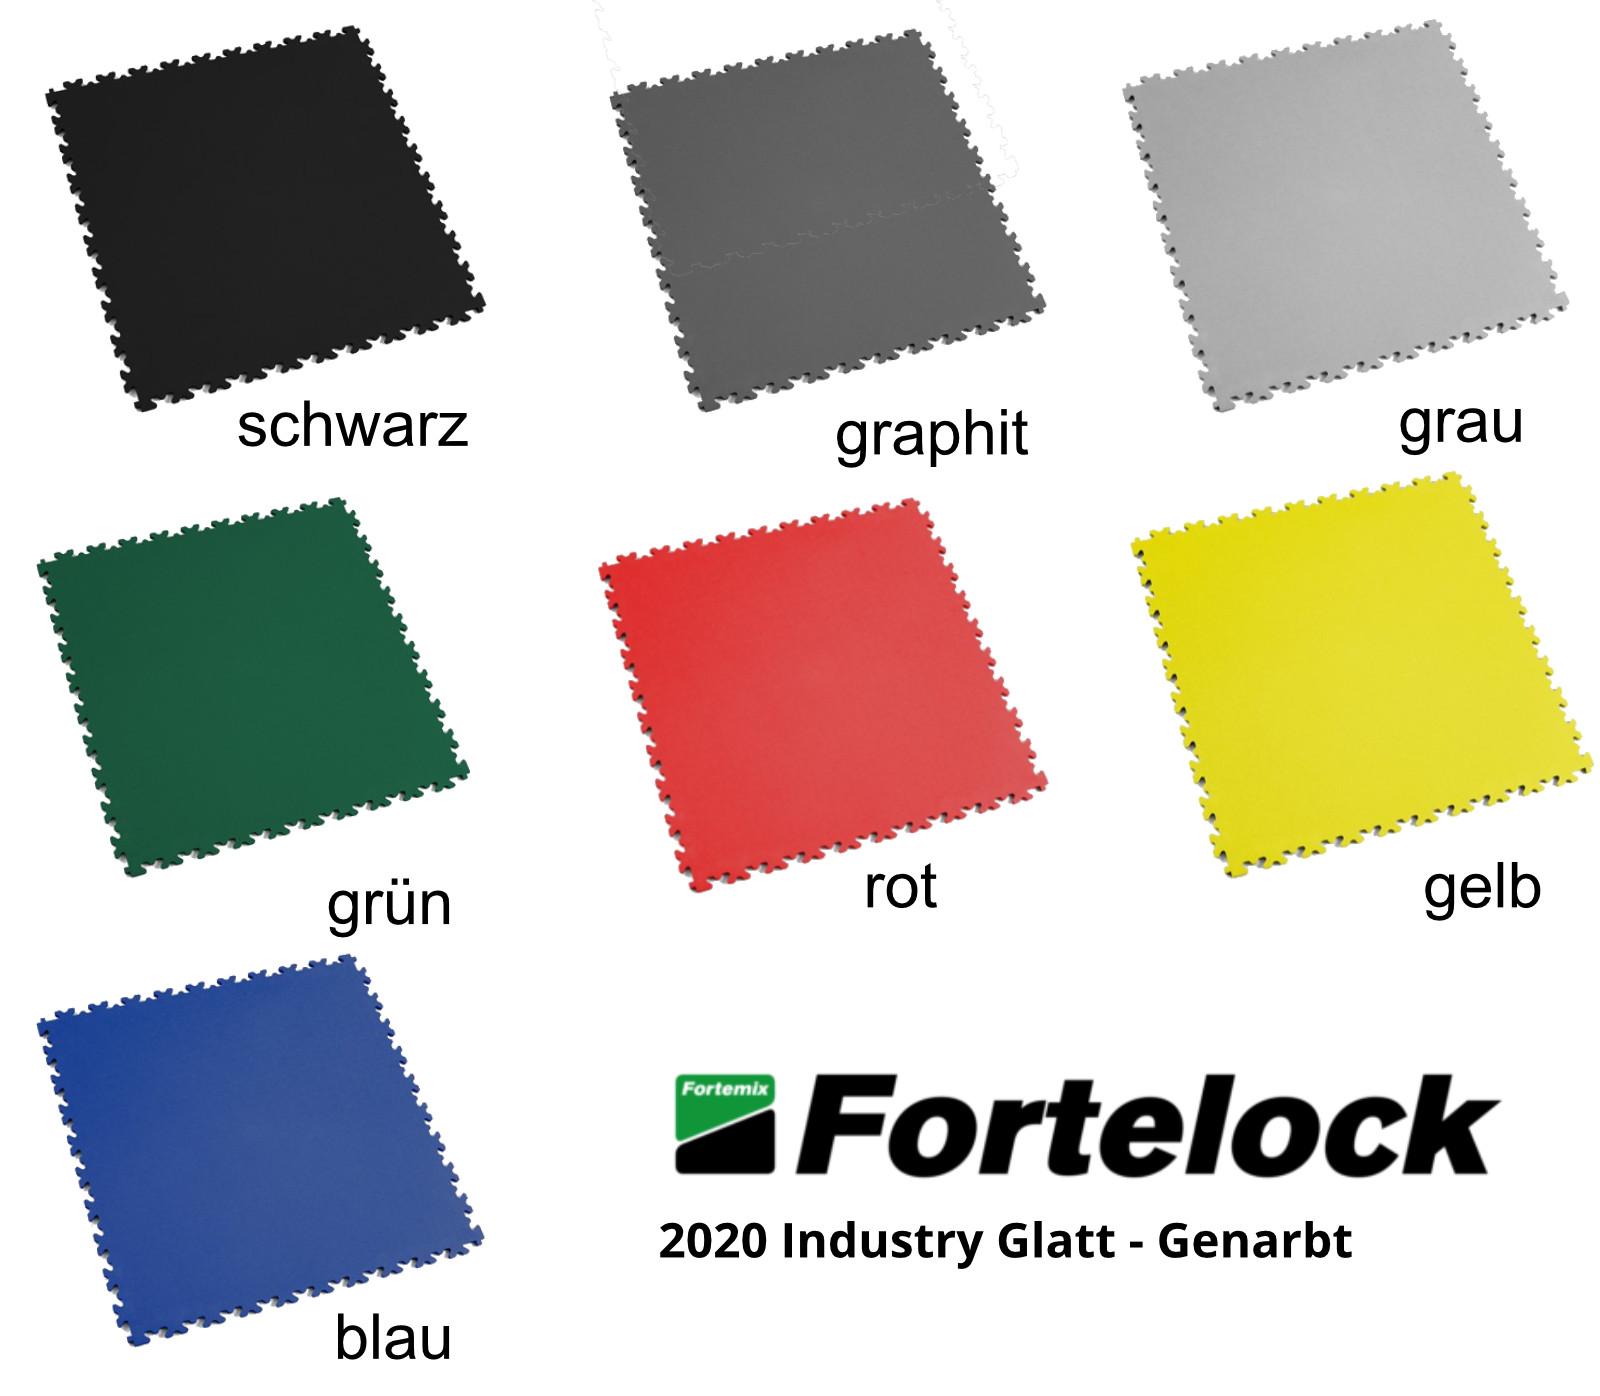 fortelock-industry-2020-glatt-genarbt